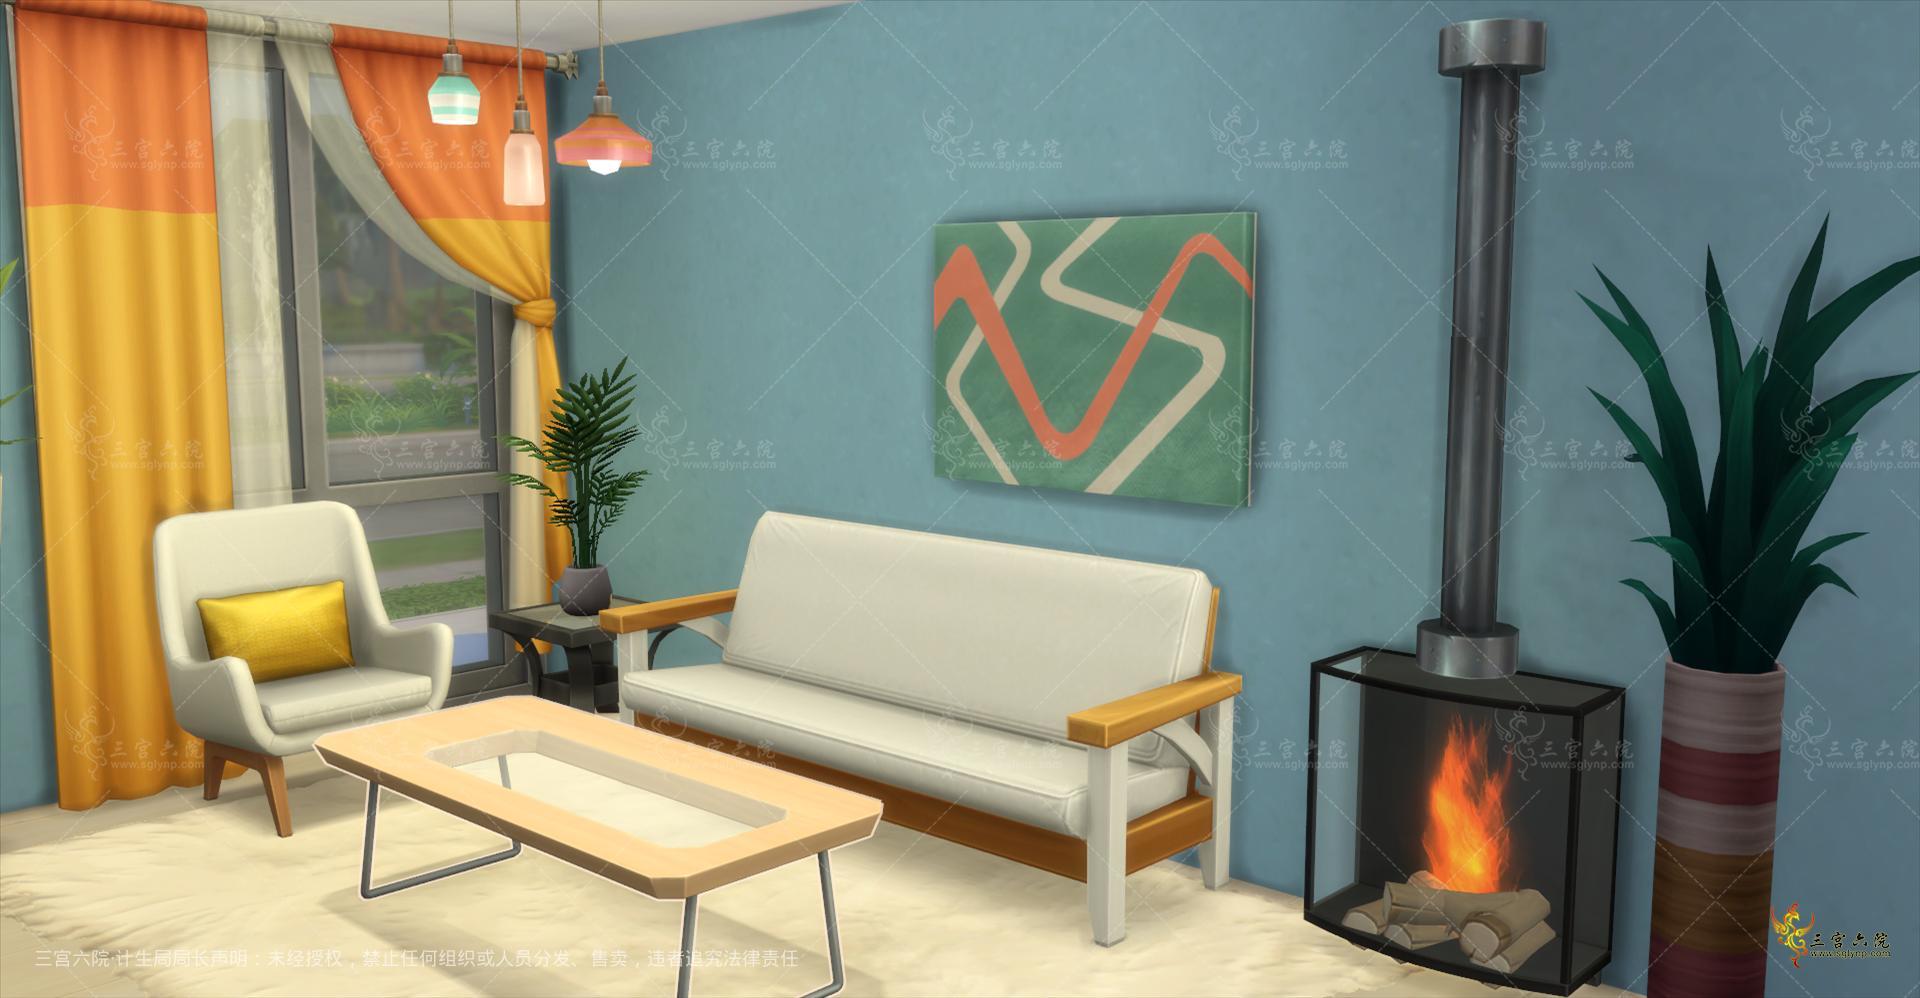 Sims 4 Screenshot 2021.08.19 - 15.13.50.93.png